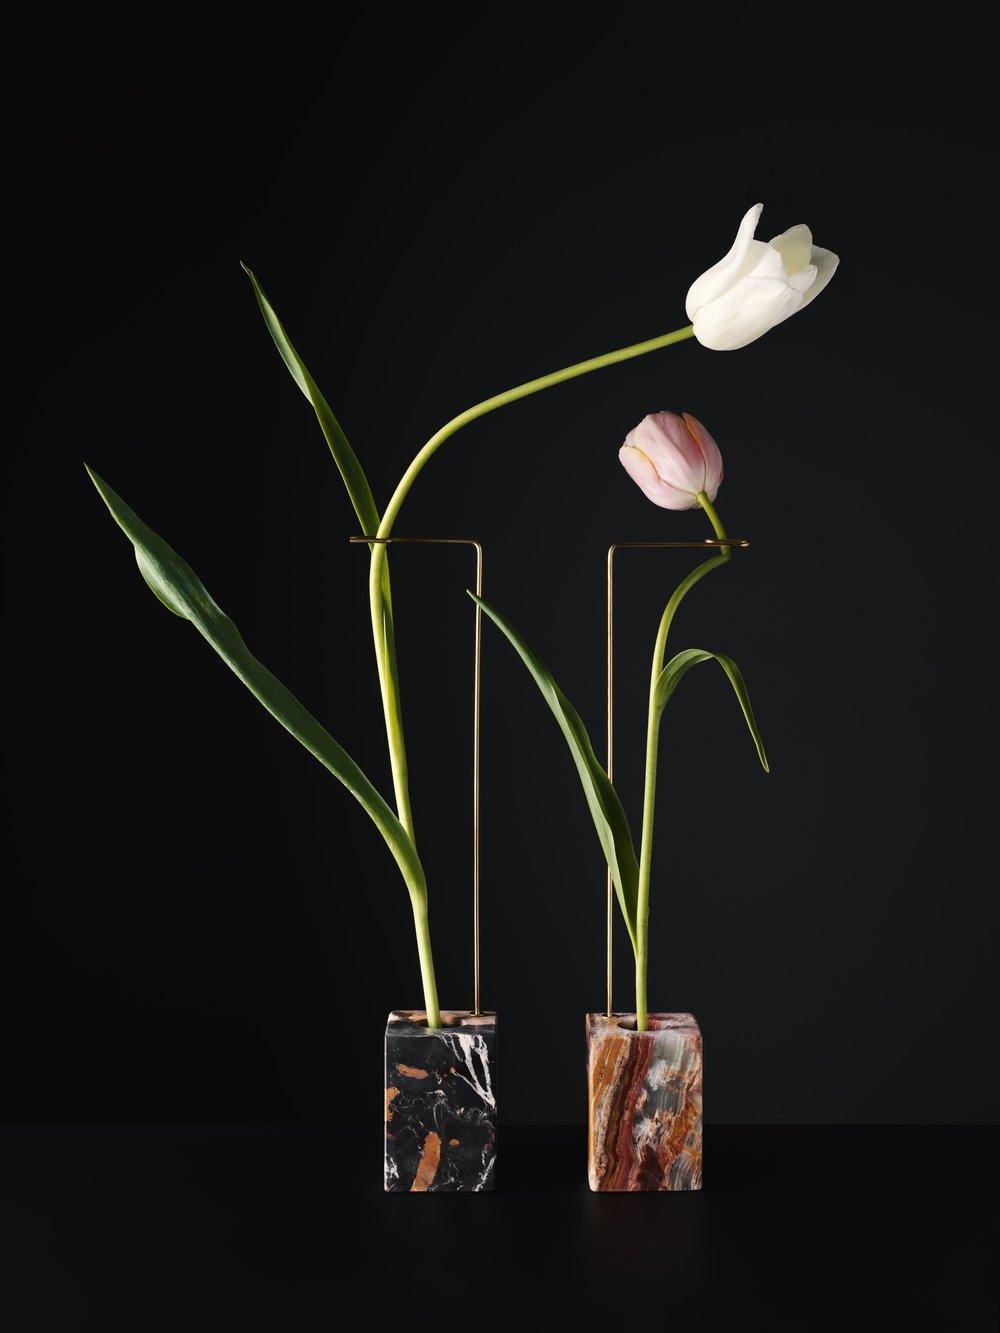 Carl Kleiner-BlocStudios-marble series-Prototypes-image-09.jpeg